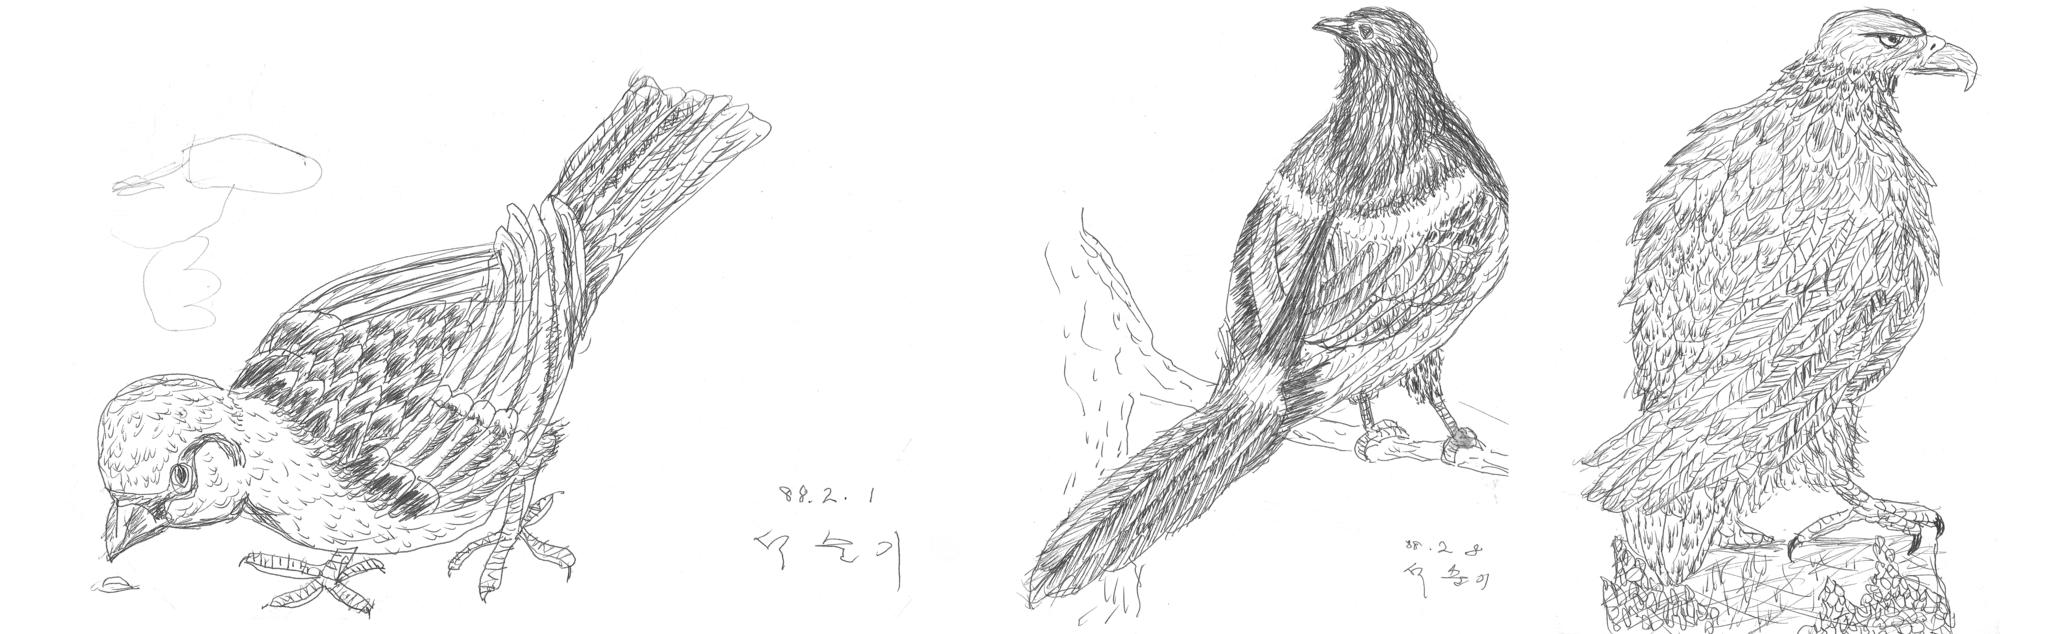 네살 아들에게 주려고 볼펜으로 그린 새. 이 그림에서 화가로서 그의 삶이 비롯되었다. [그림 석창우]